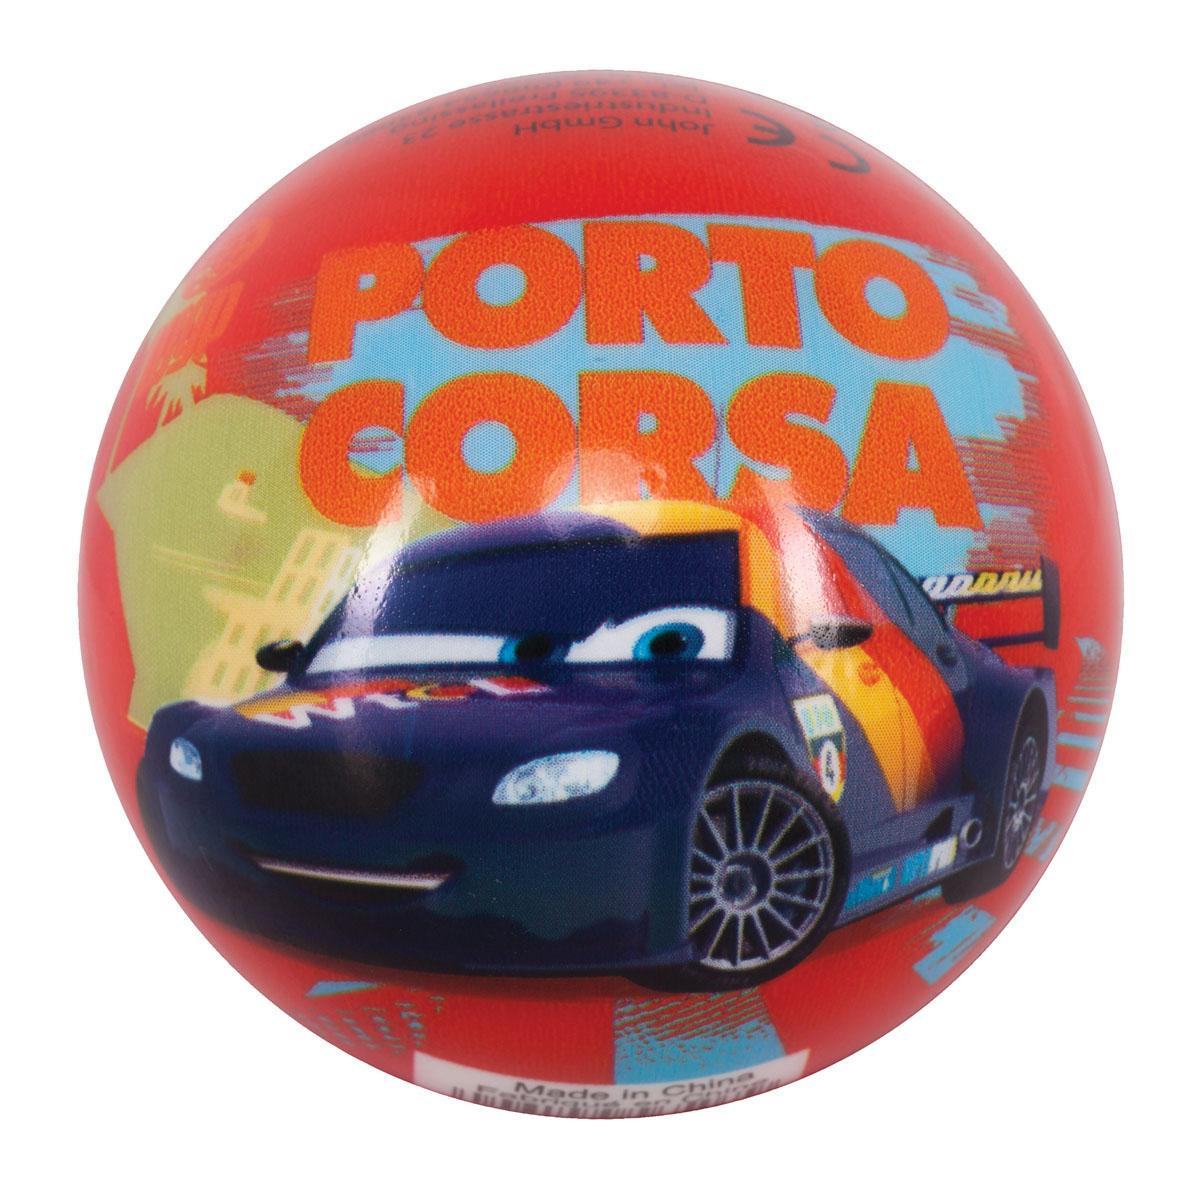 Мяч John Тачки, 7,5 см07WDЯркий детский мяч John Тачки - это игрушка для детей любого возраста. Он выполнен из вспененного полимера и оформлен изображениями персонажей мультфильма Тачки (Cars). Мяч незаменим для любителей подвижных игр и активного отдыха, подходит для игр на воде. Игры с мячом развивают координацию движений, способствуют физическому развитию ребенка.